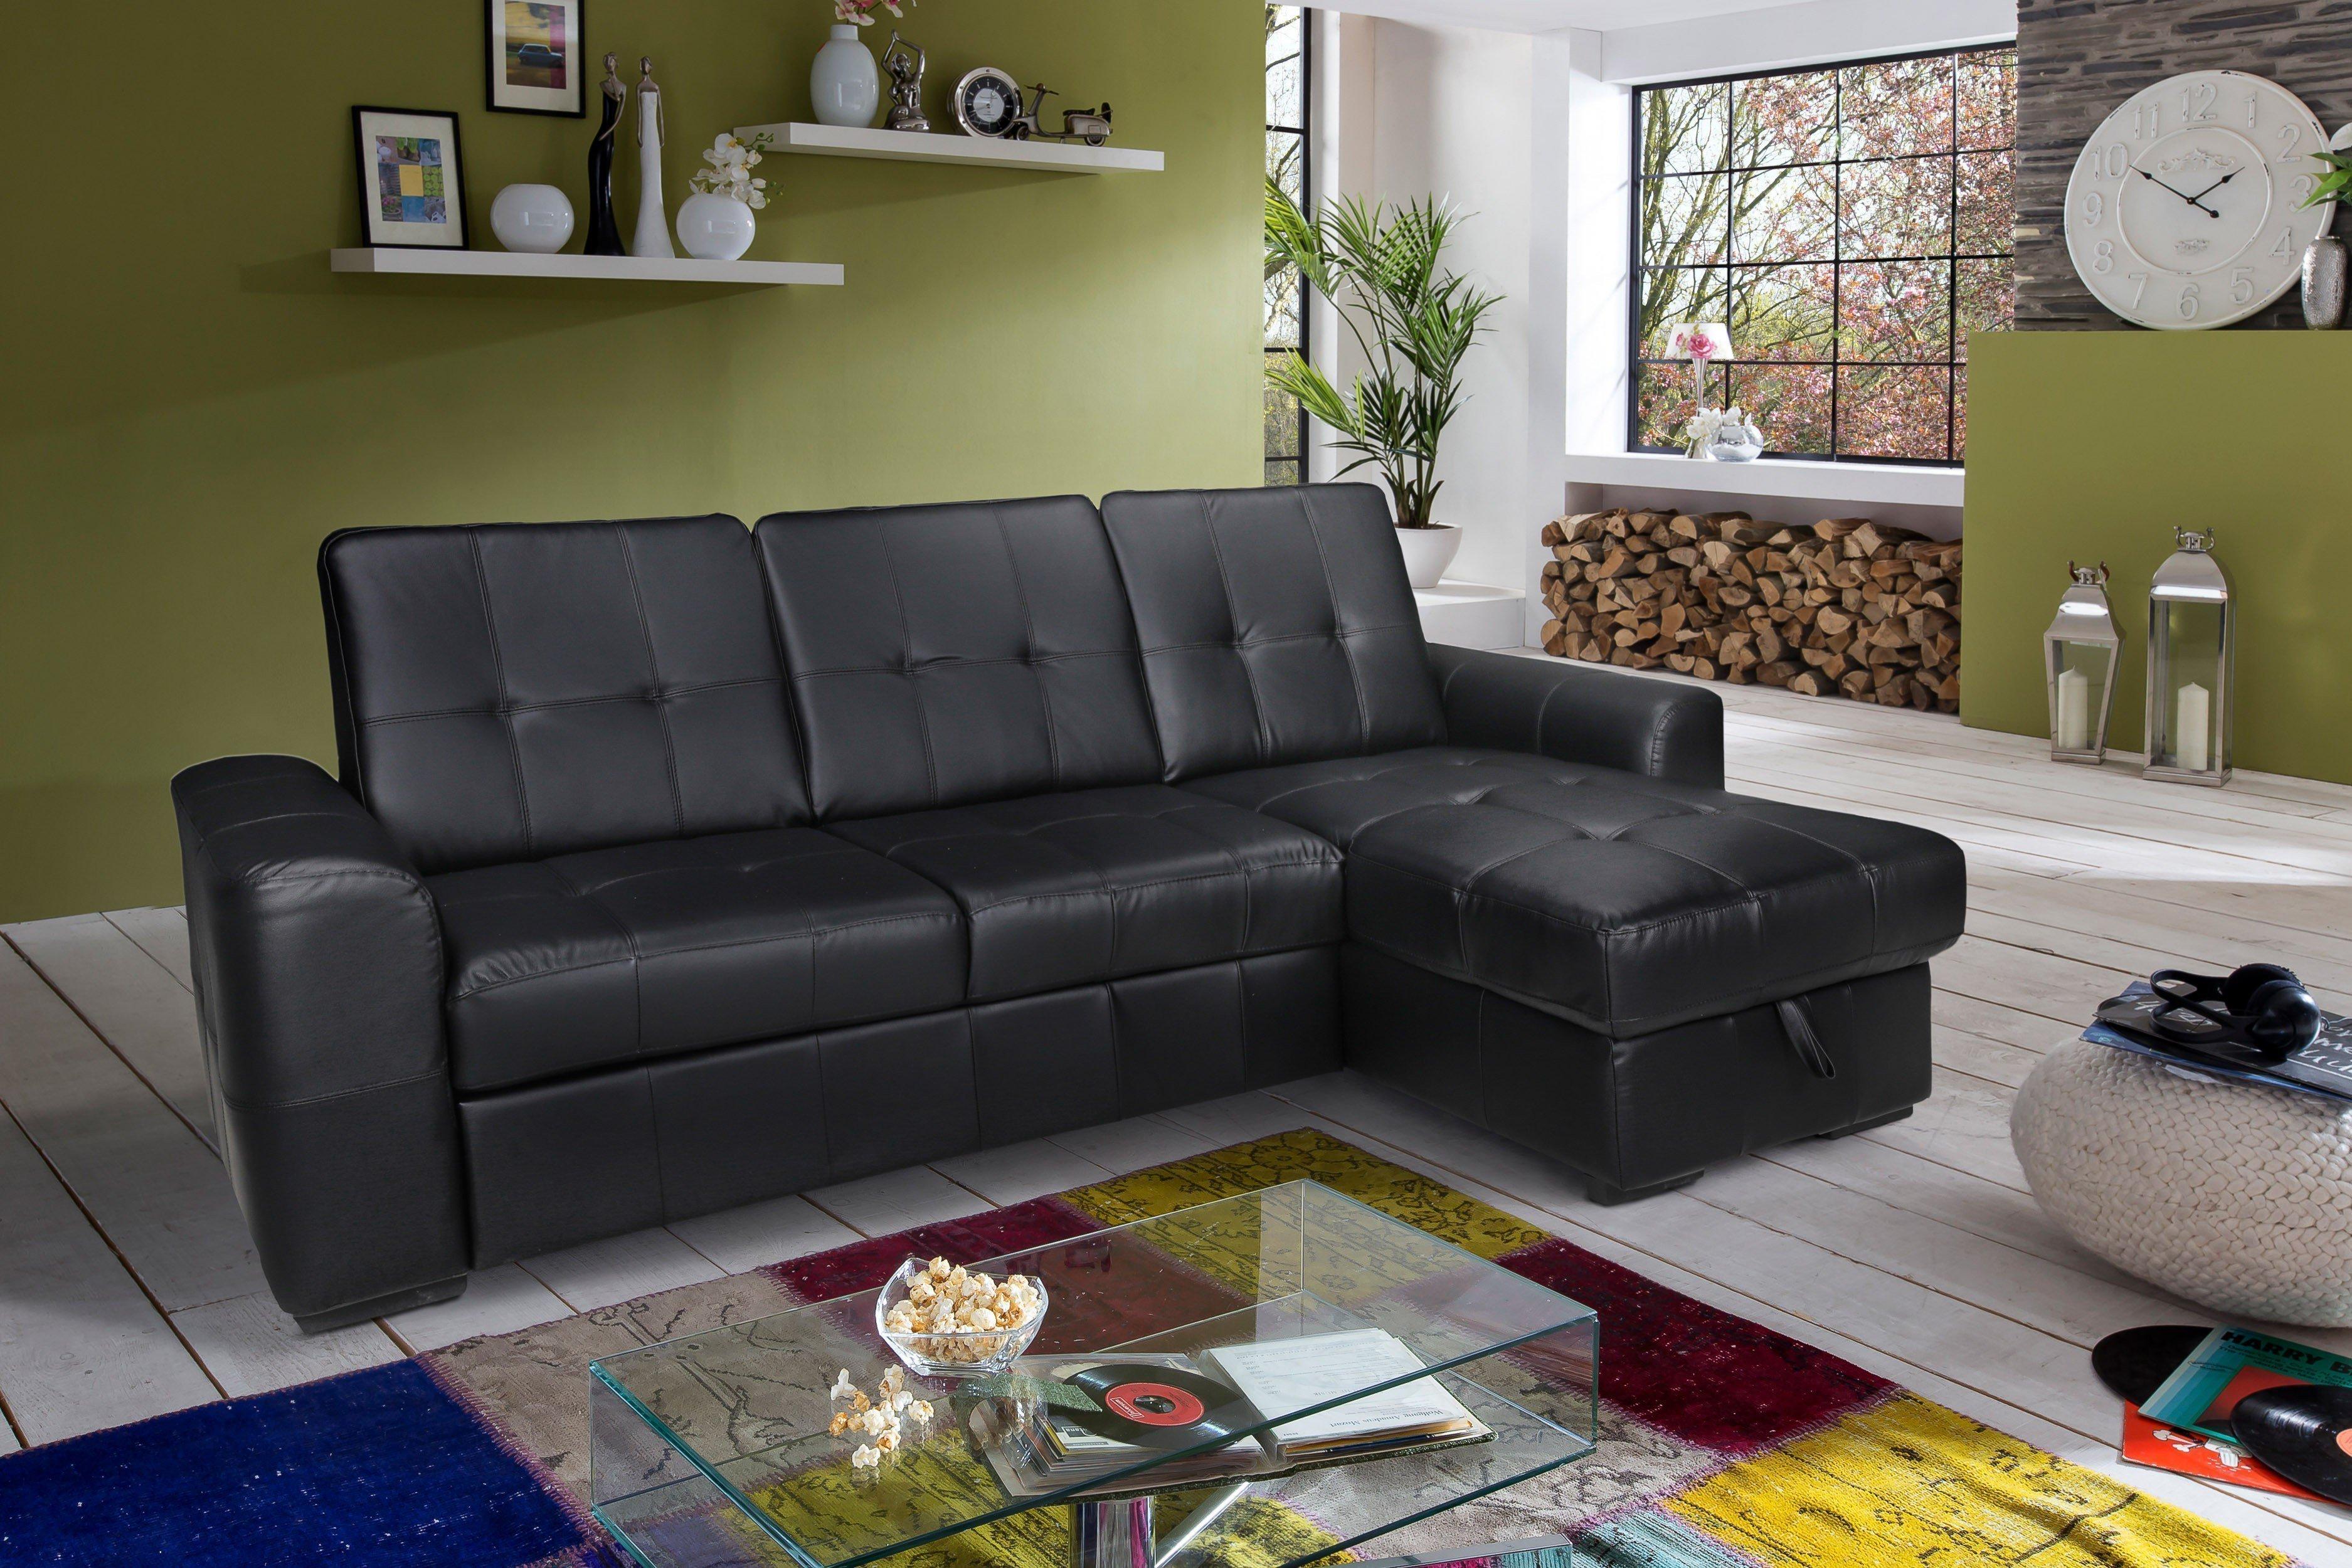 cotta track polstergarnitur in schwarz m bel letz ihr online shop. Black Bedroom Furniture Sets. Home Design Ideas